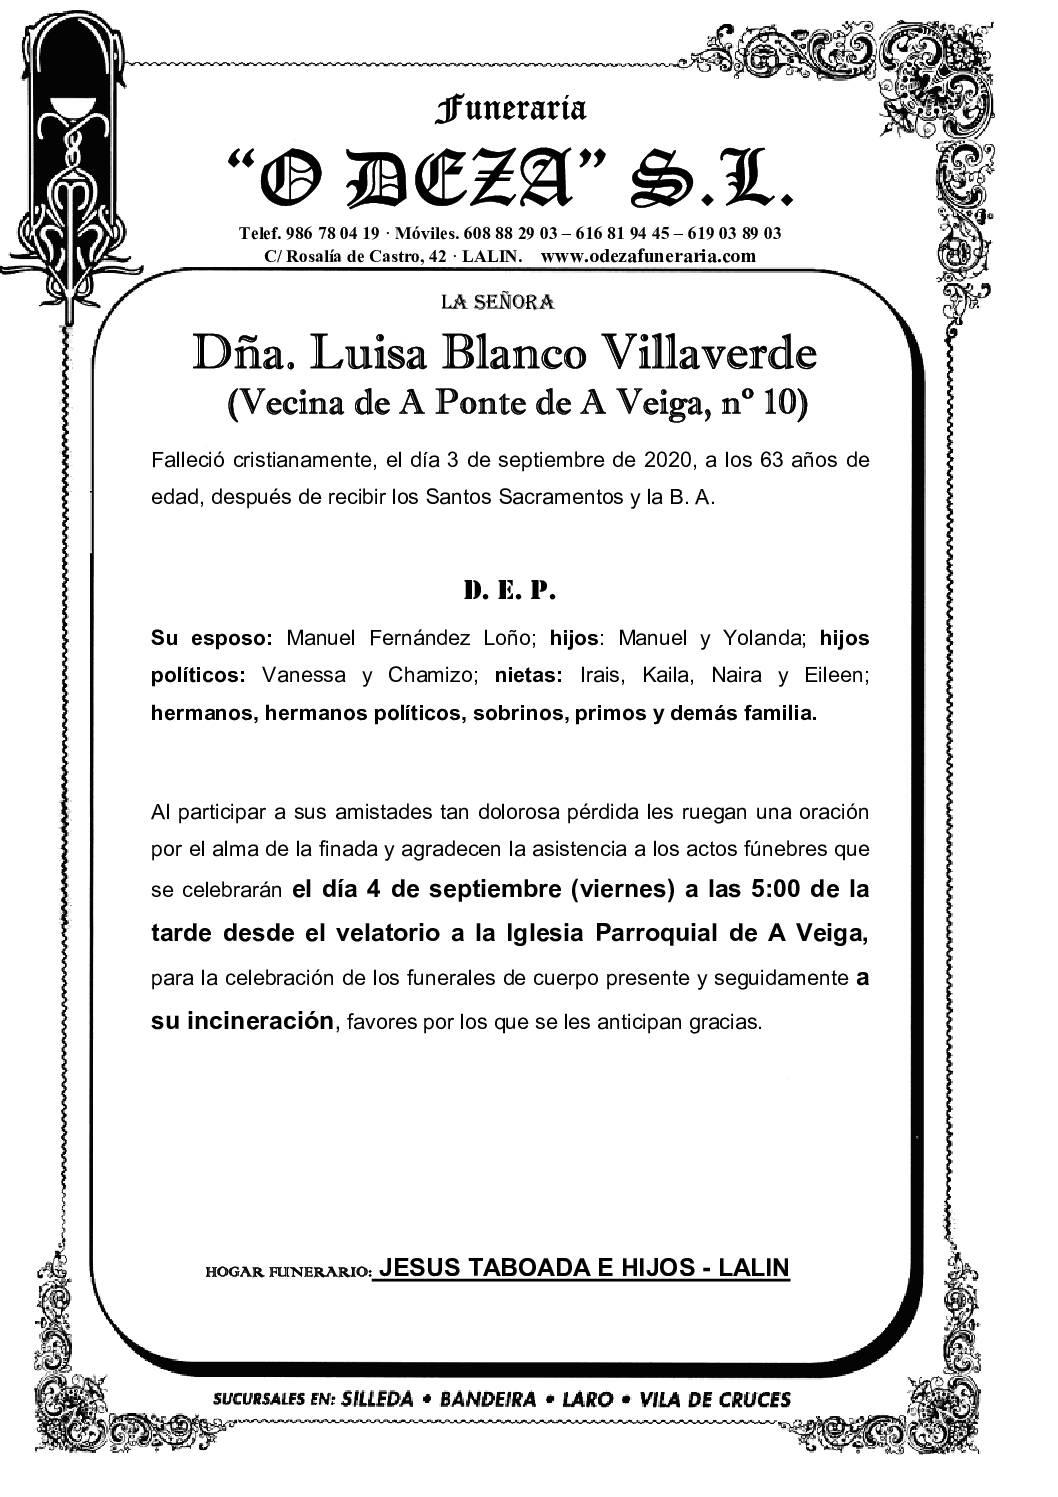 DÑA. LUISA BLANCO VILLAVERDE